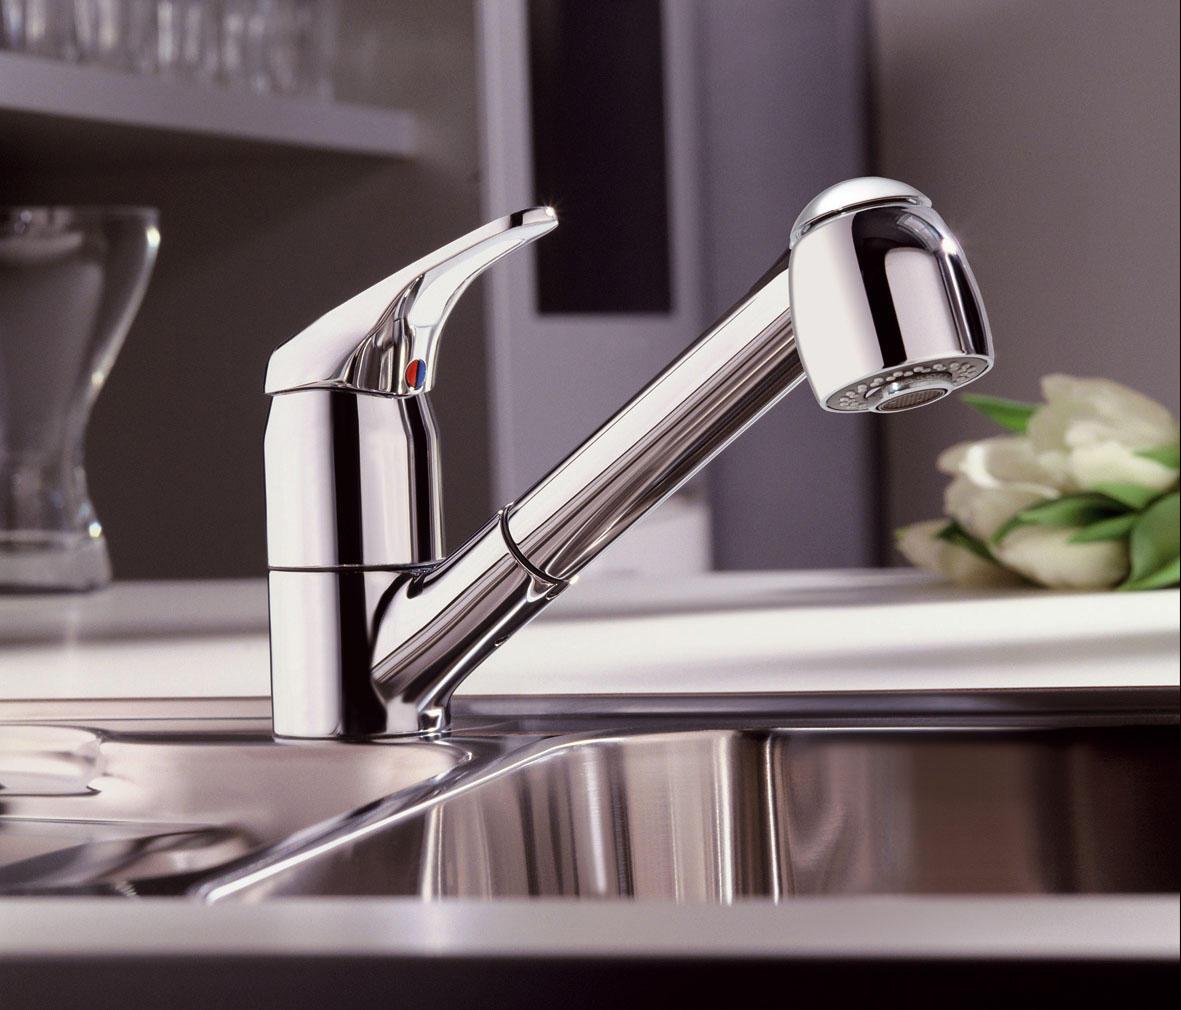 Küchenarmatur Ideal Standard : melohmix ii k chenarmatur rubinetterie ideal standard architonic ~ Somuchworld.com Haus und Dekorationen